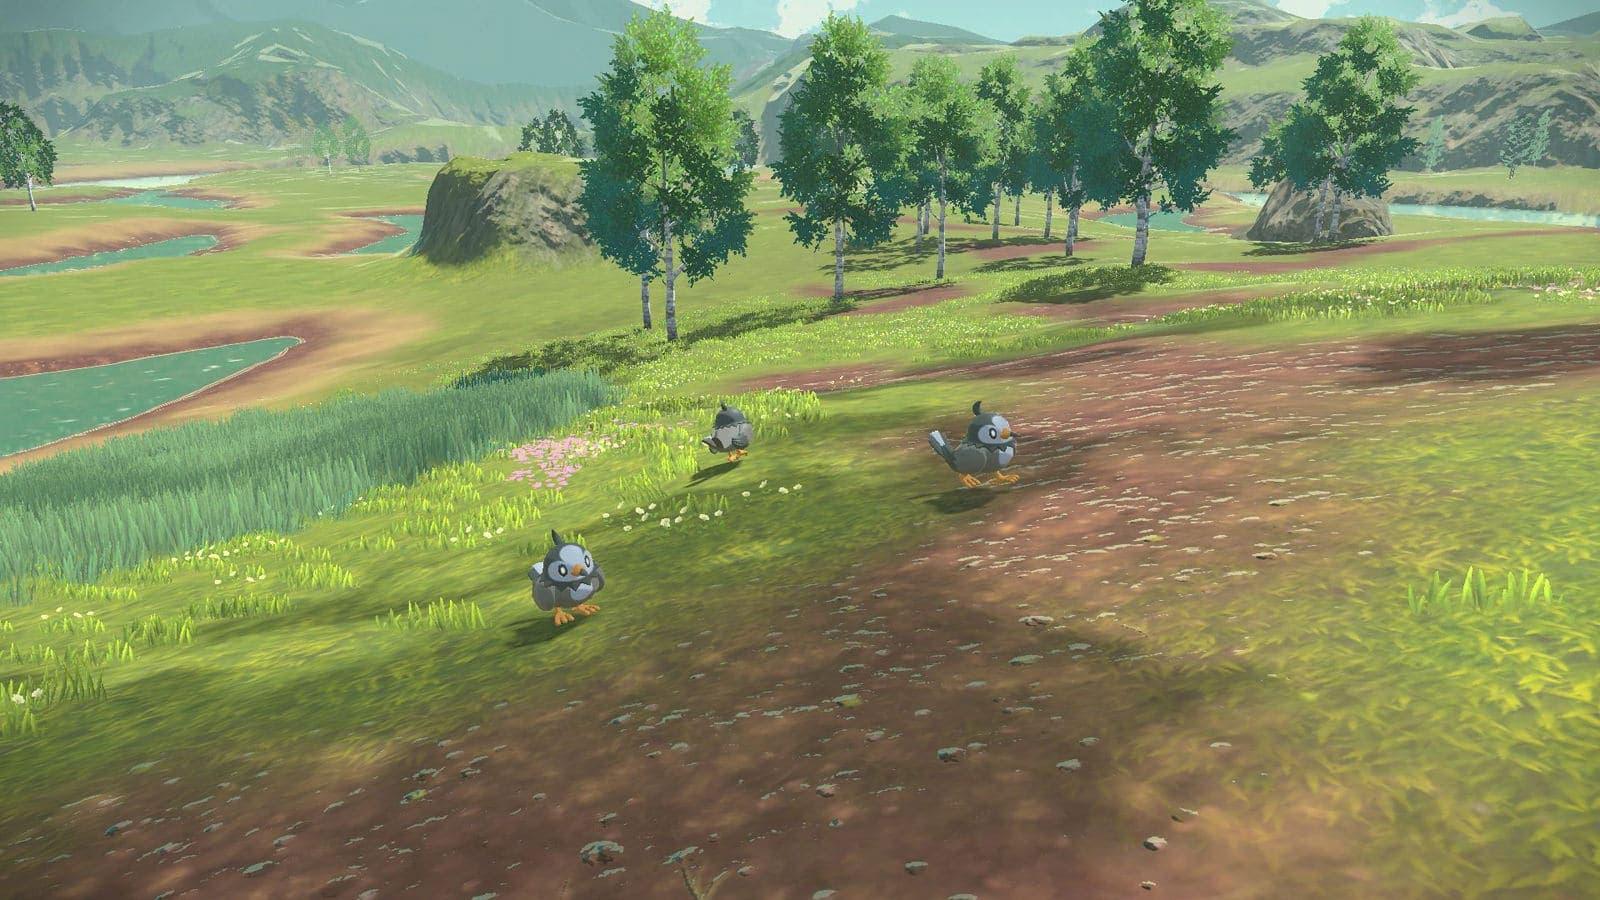 Primer vistazo al mapa de Leyendas Pokémon: Arceus nos deja interesantes detalles